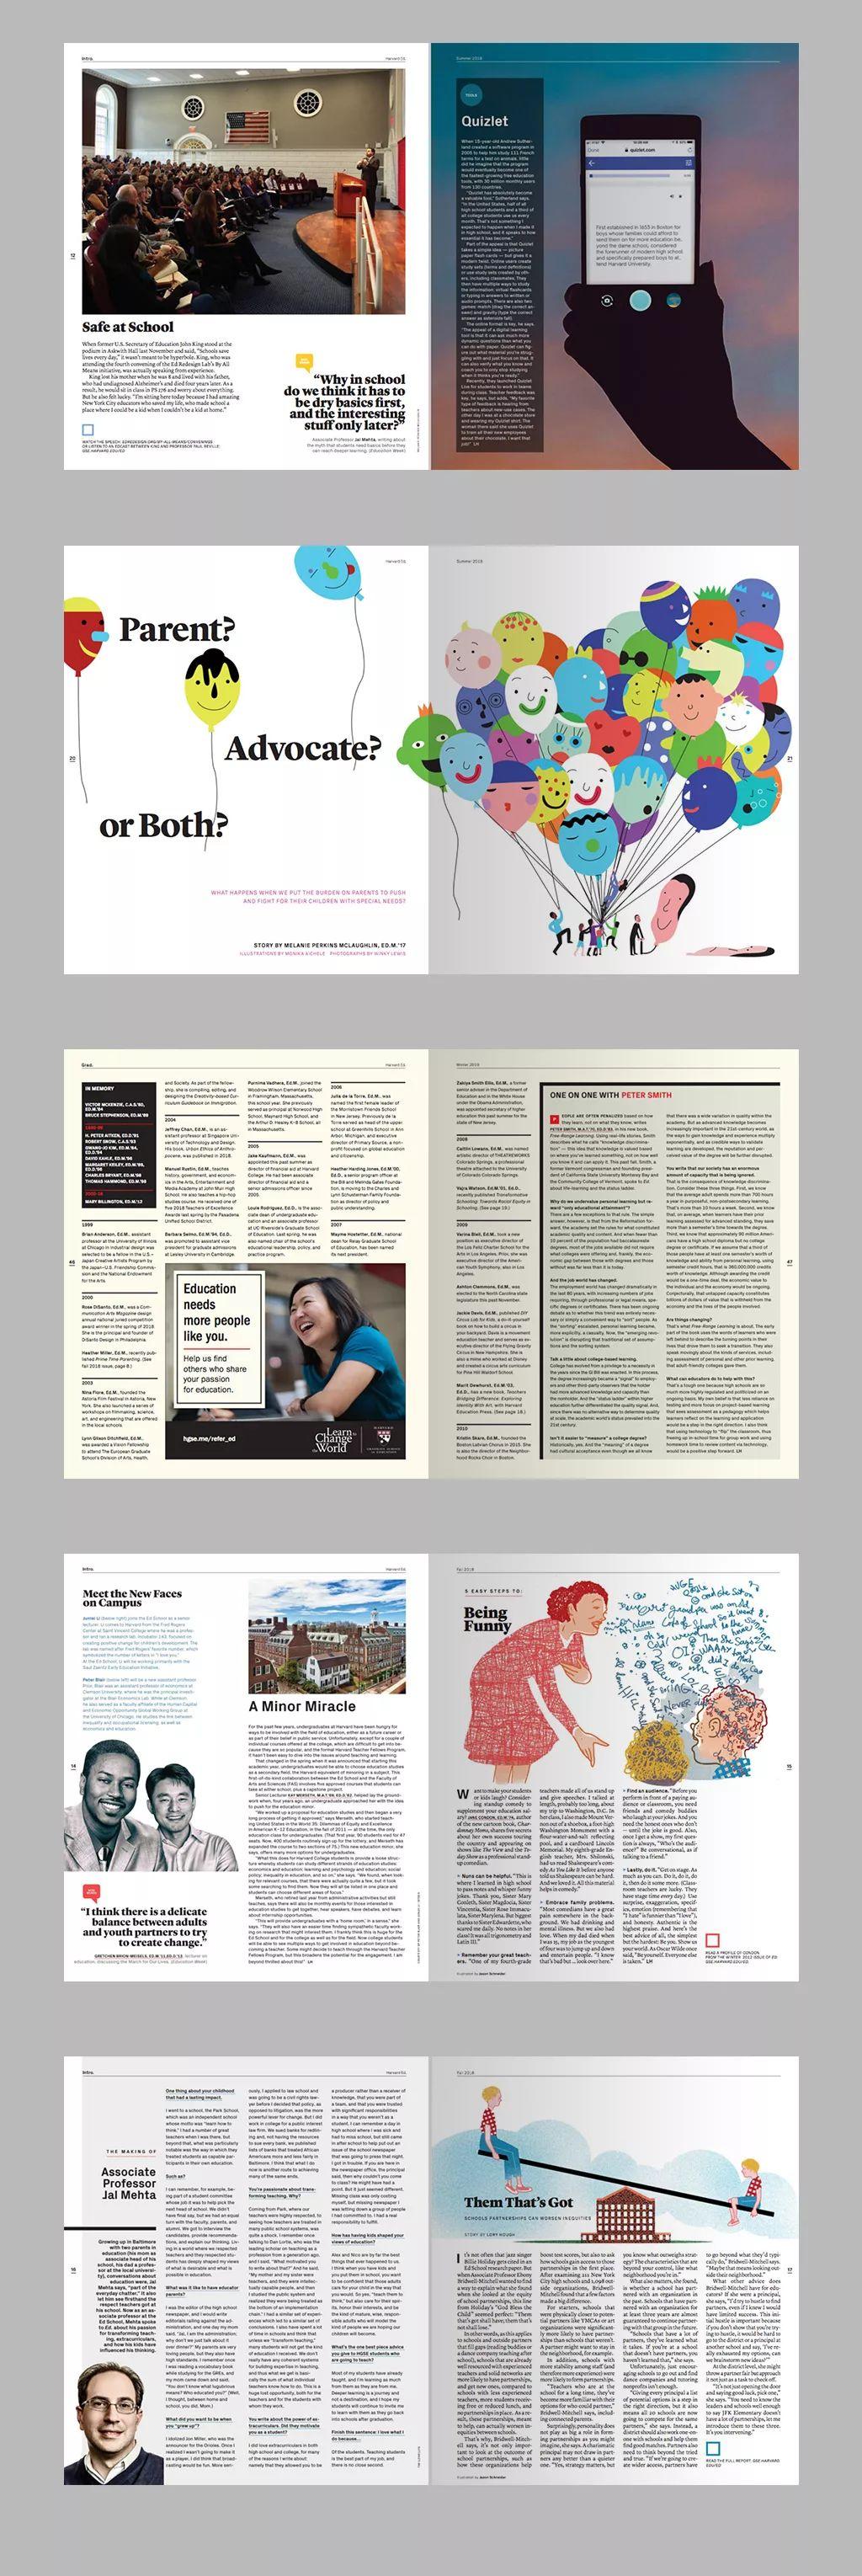 11款教育类宣传画册设计欣赏